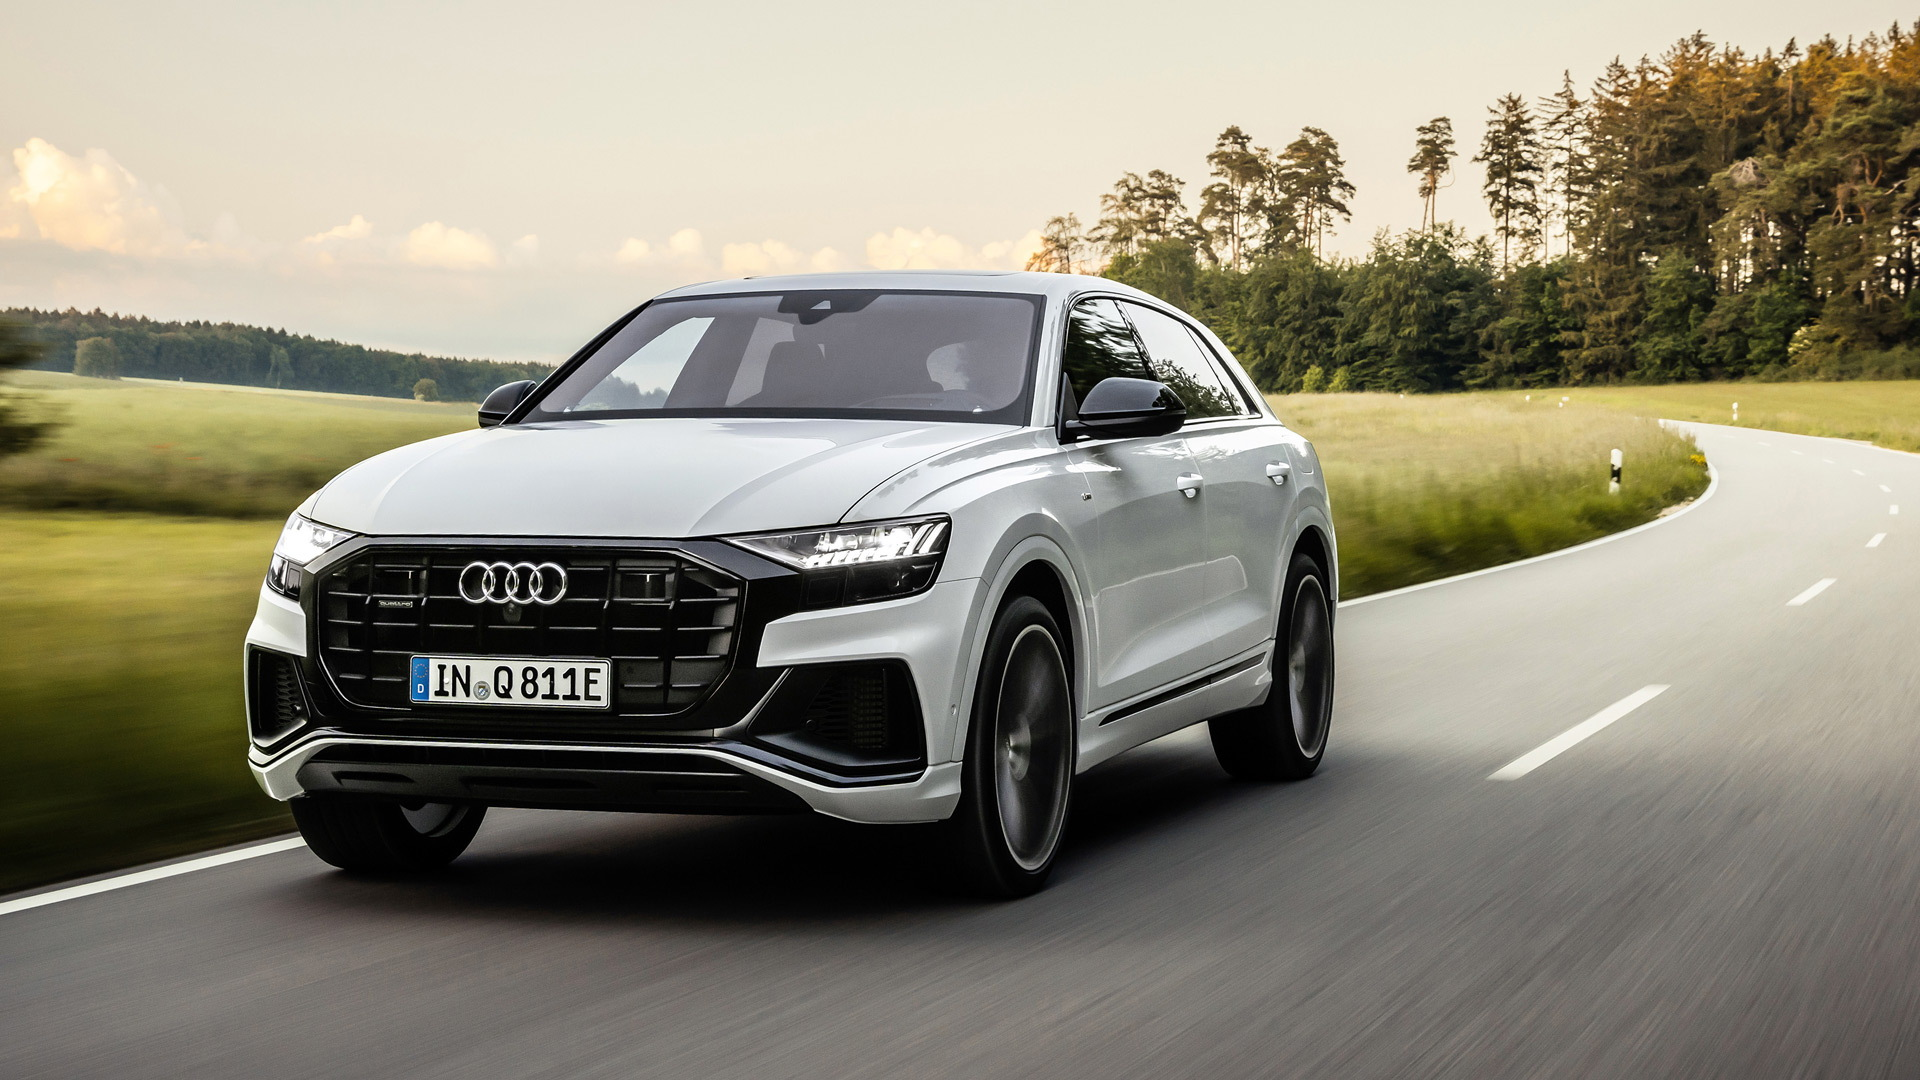 2021 Audi Q8 60 TFSI e